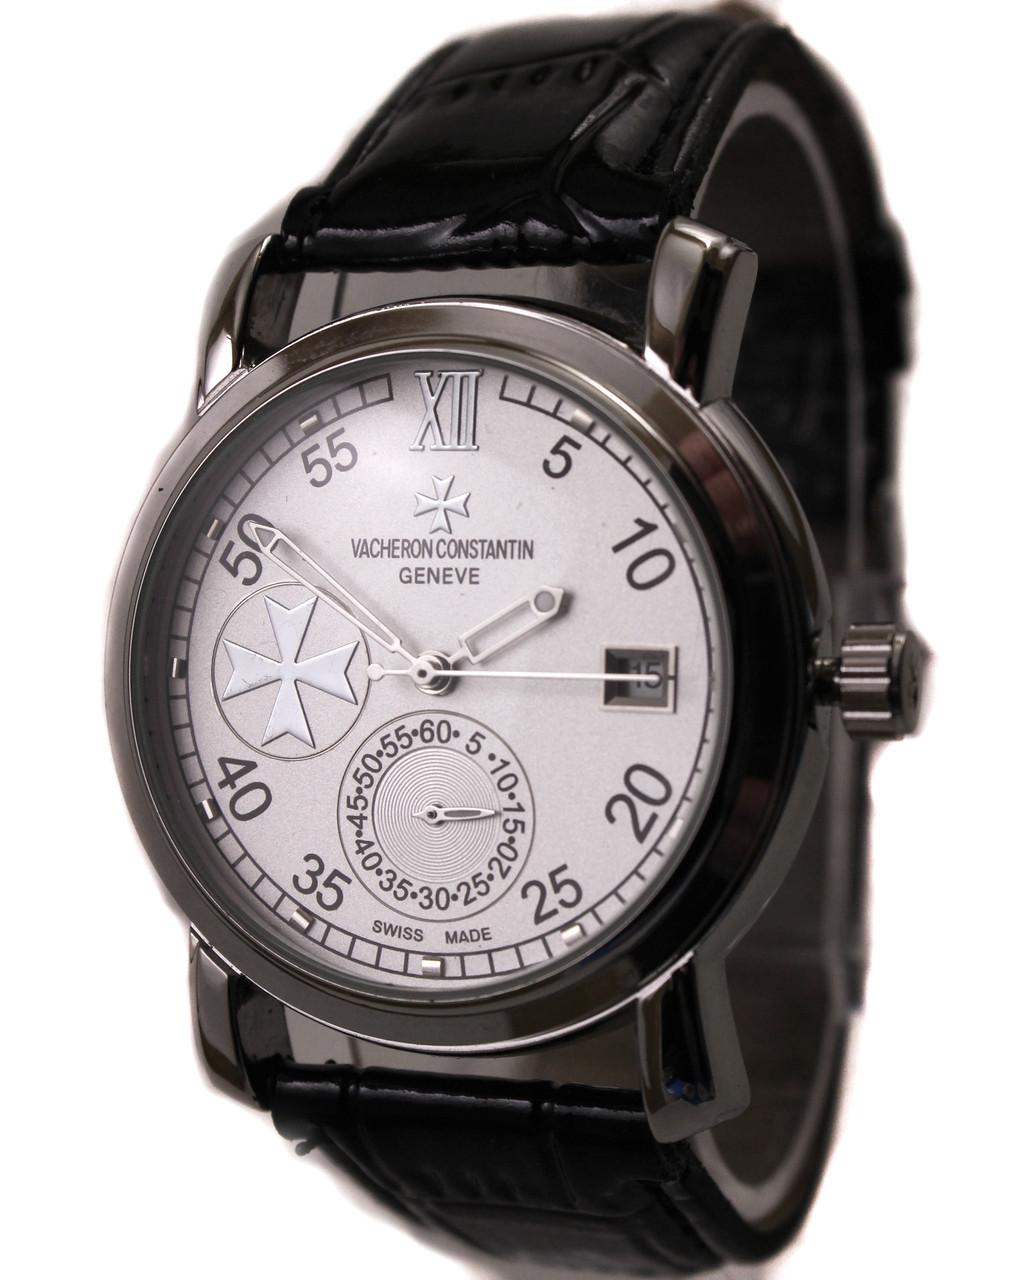 02e7b861608e Механические мужские наручные часы Vacheron Constantin - OptMan - самые  низкие цены в Украине в Харькове